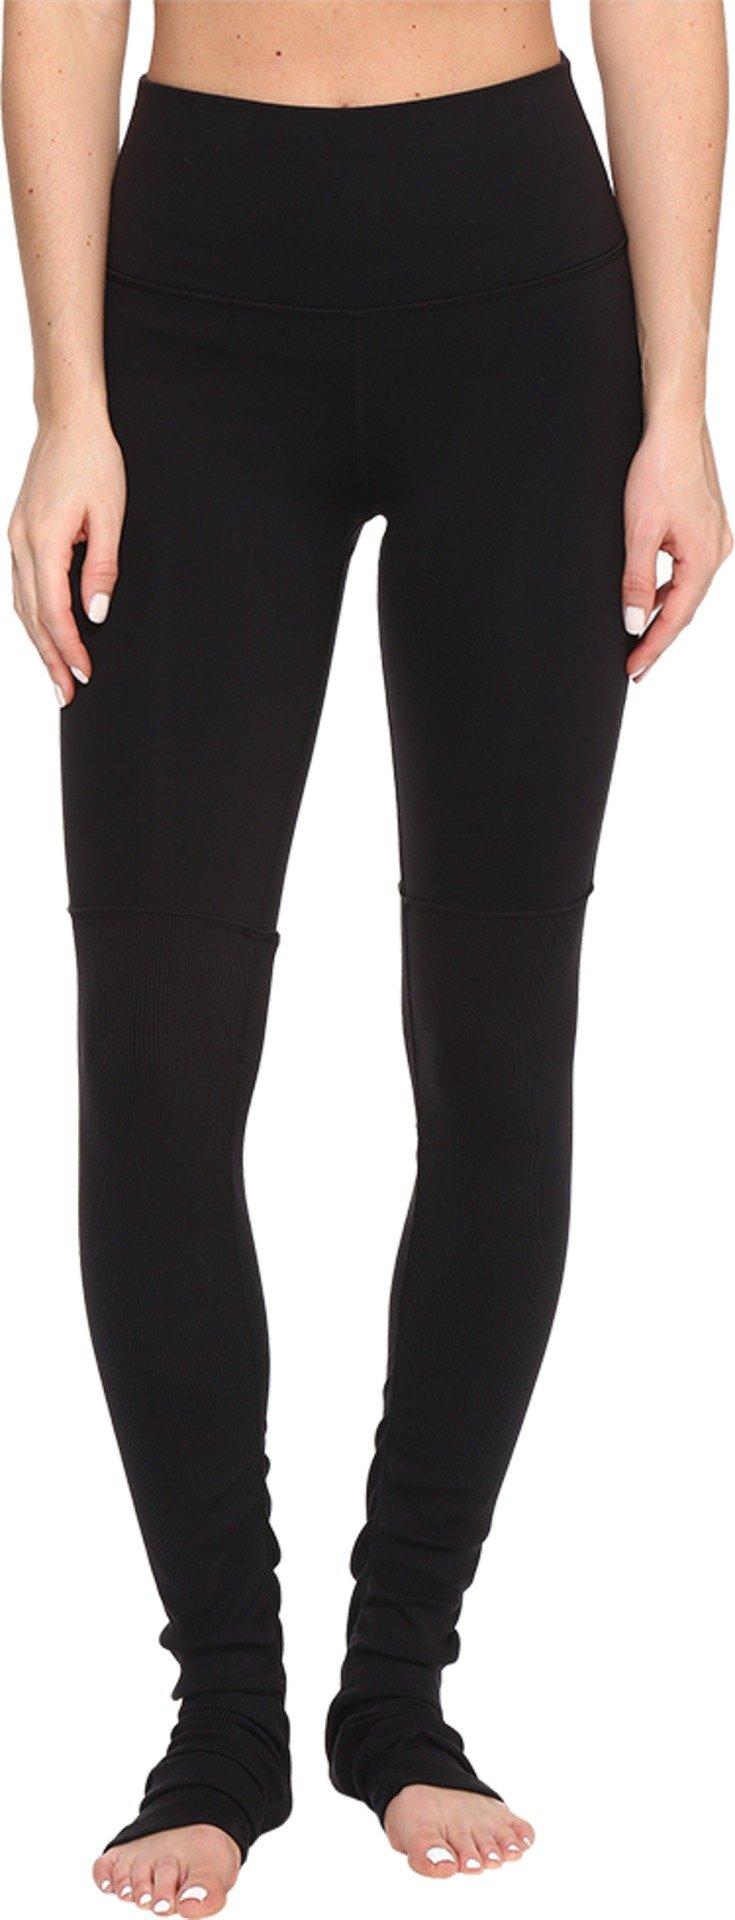 ALO Women's High Waisted Goddess Leggings Black/Black X-Small 33